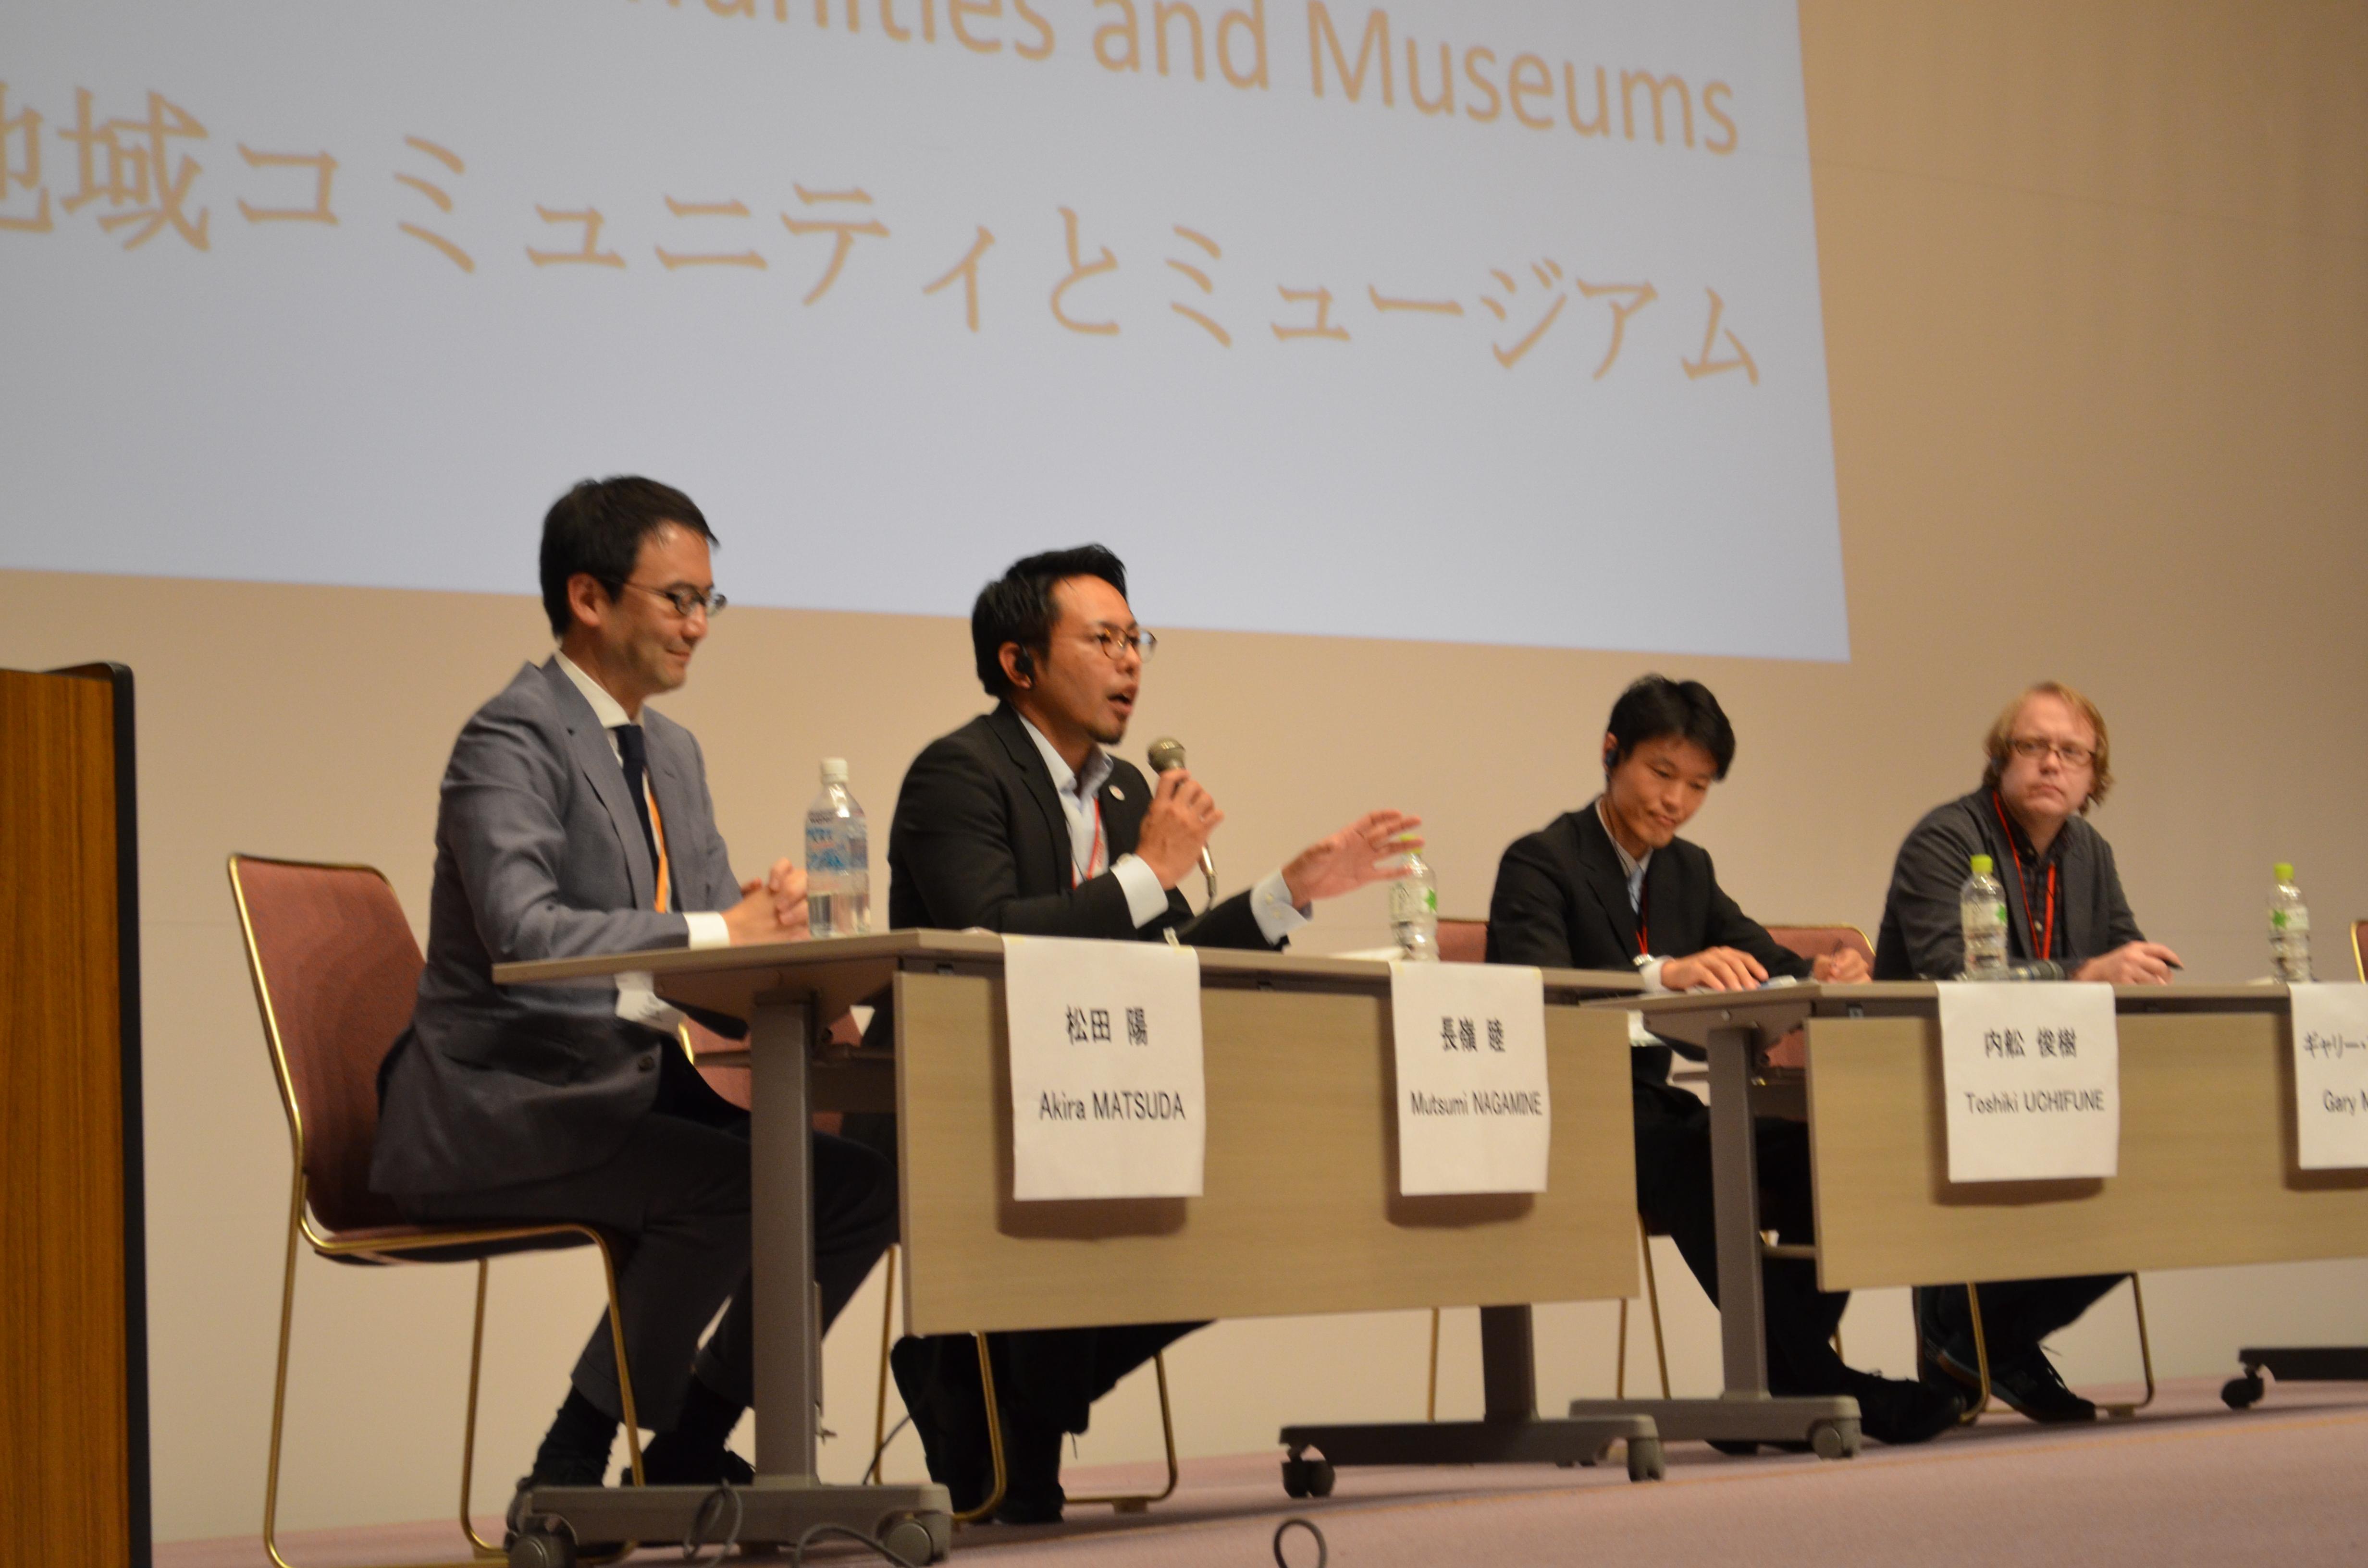 2018年9月、舞鶴で開催された「IOCM京都大会プレ大会舞鶴ミーティング」で地方博物館と地域の連携について講演のようす